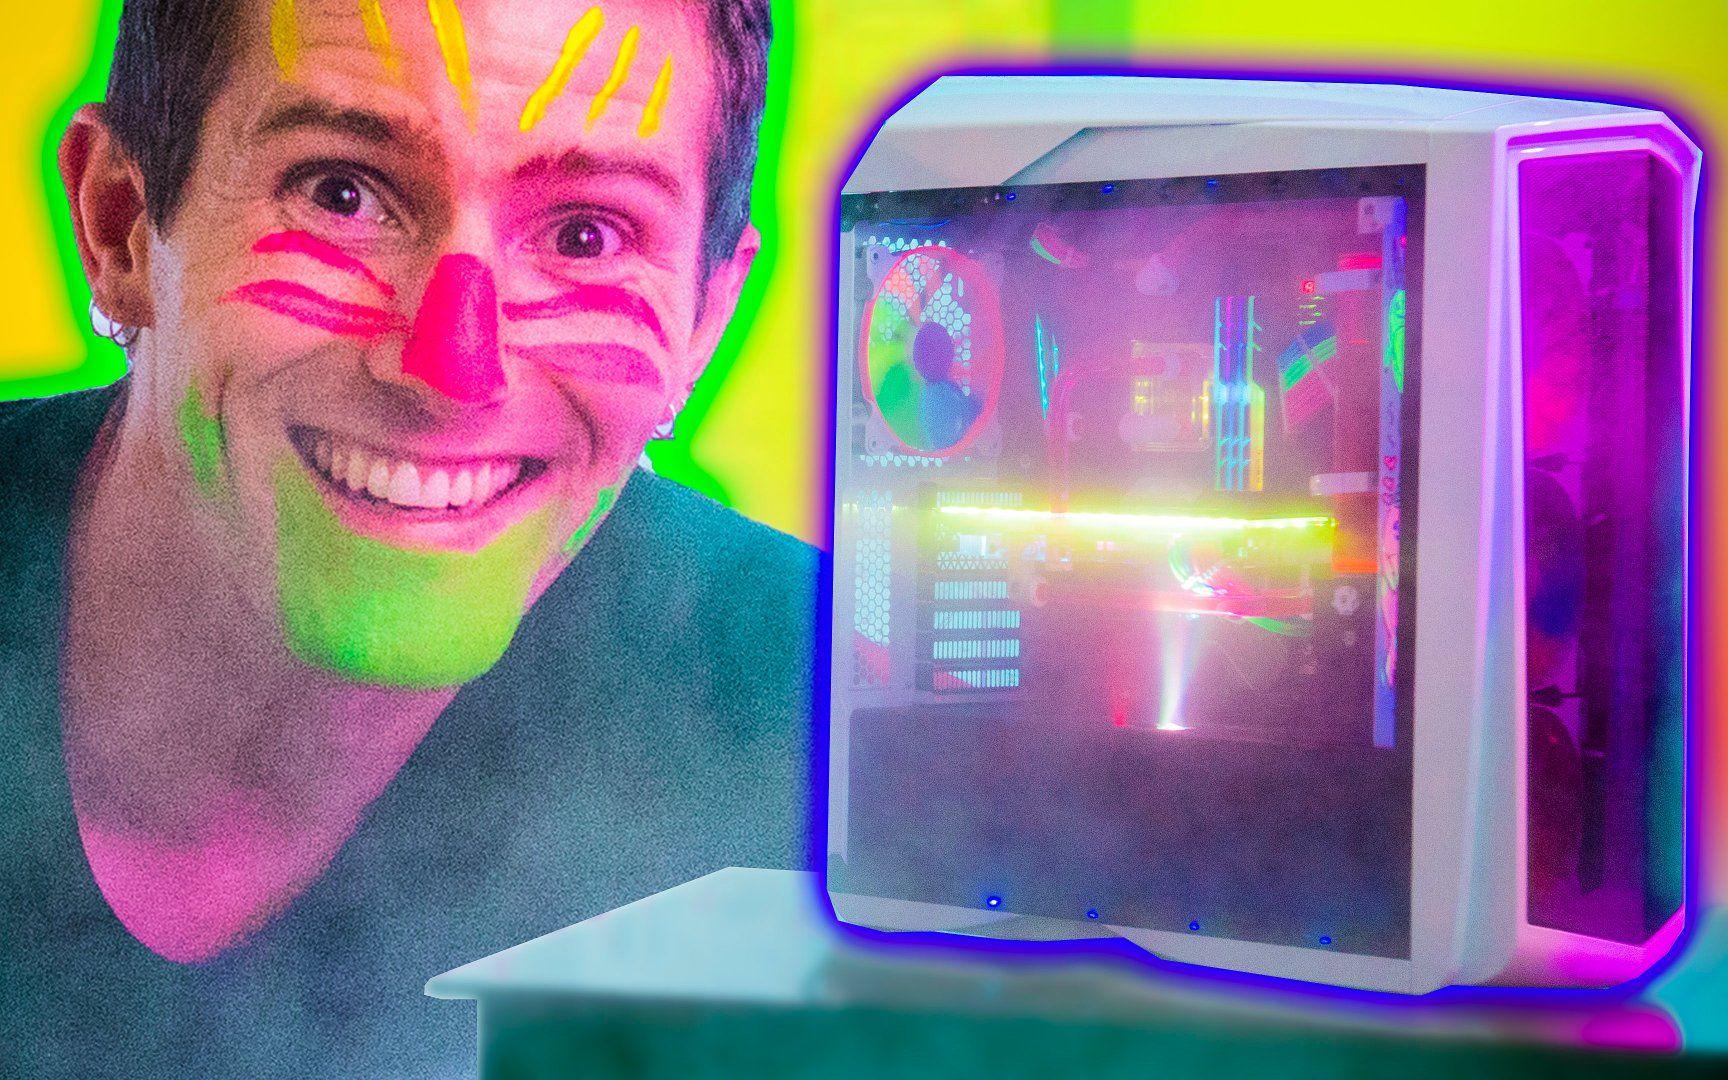 【官方双语】锐舞电脑装机实录 #linus谈科技